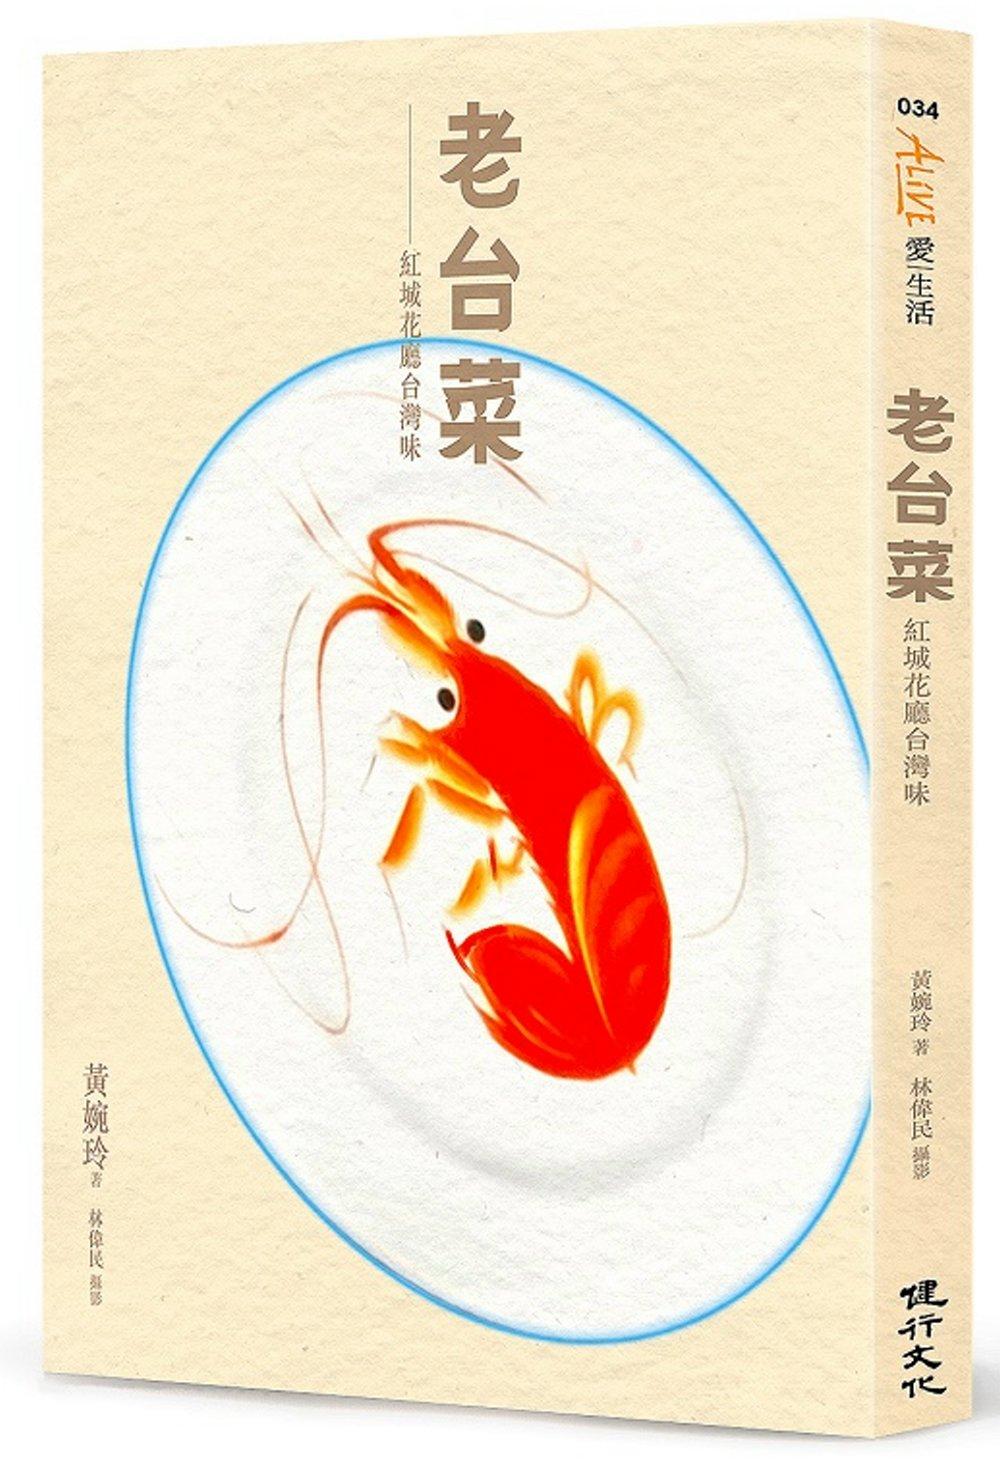 老台菜:紅城花廳台灣味(增訂新版)